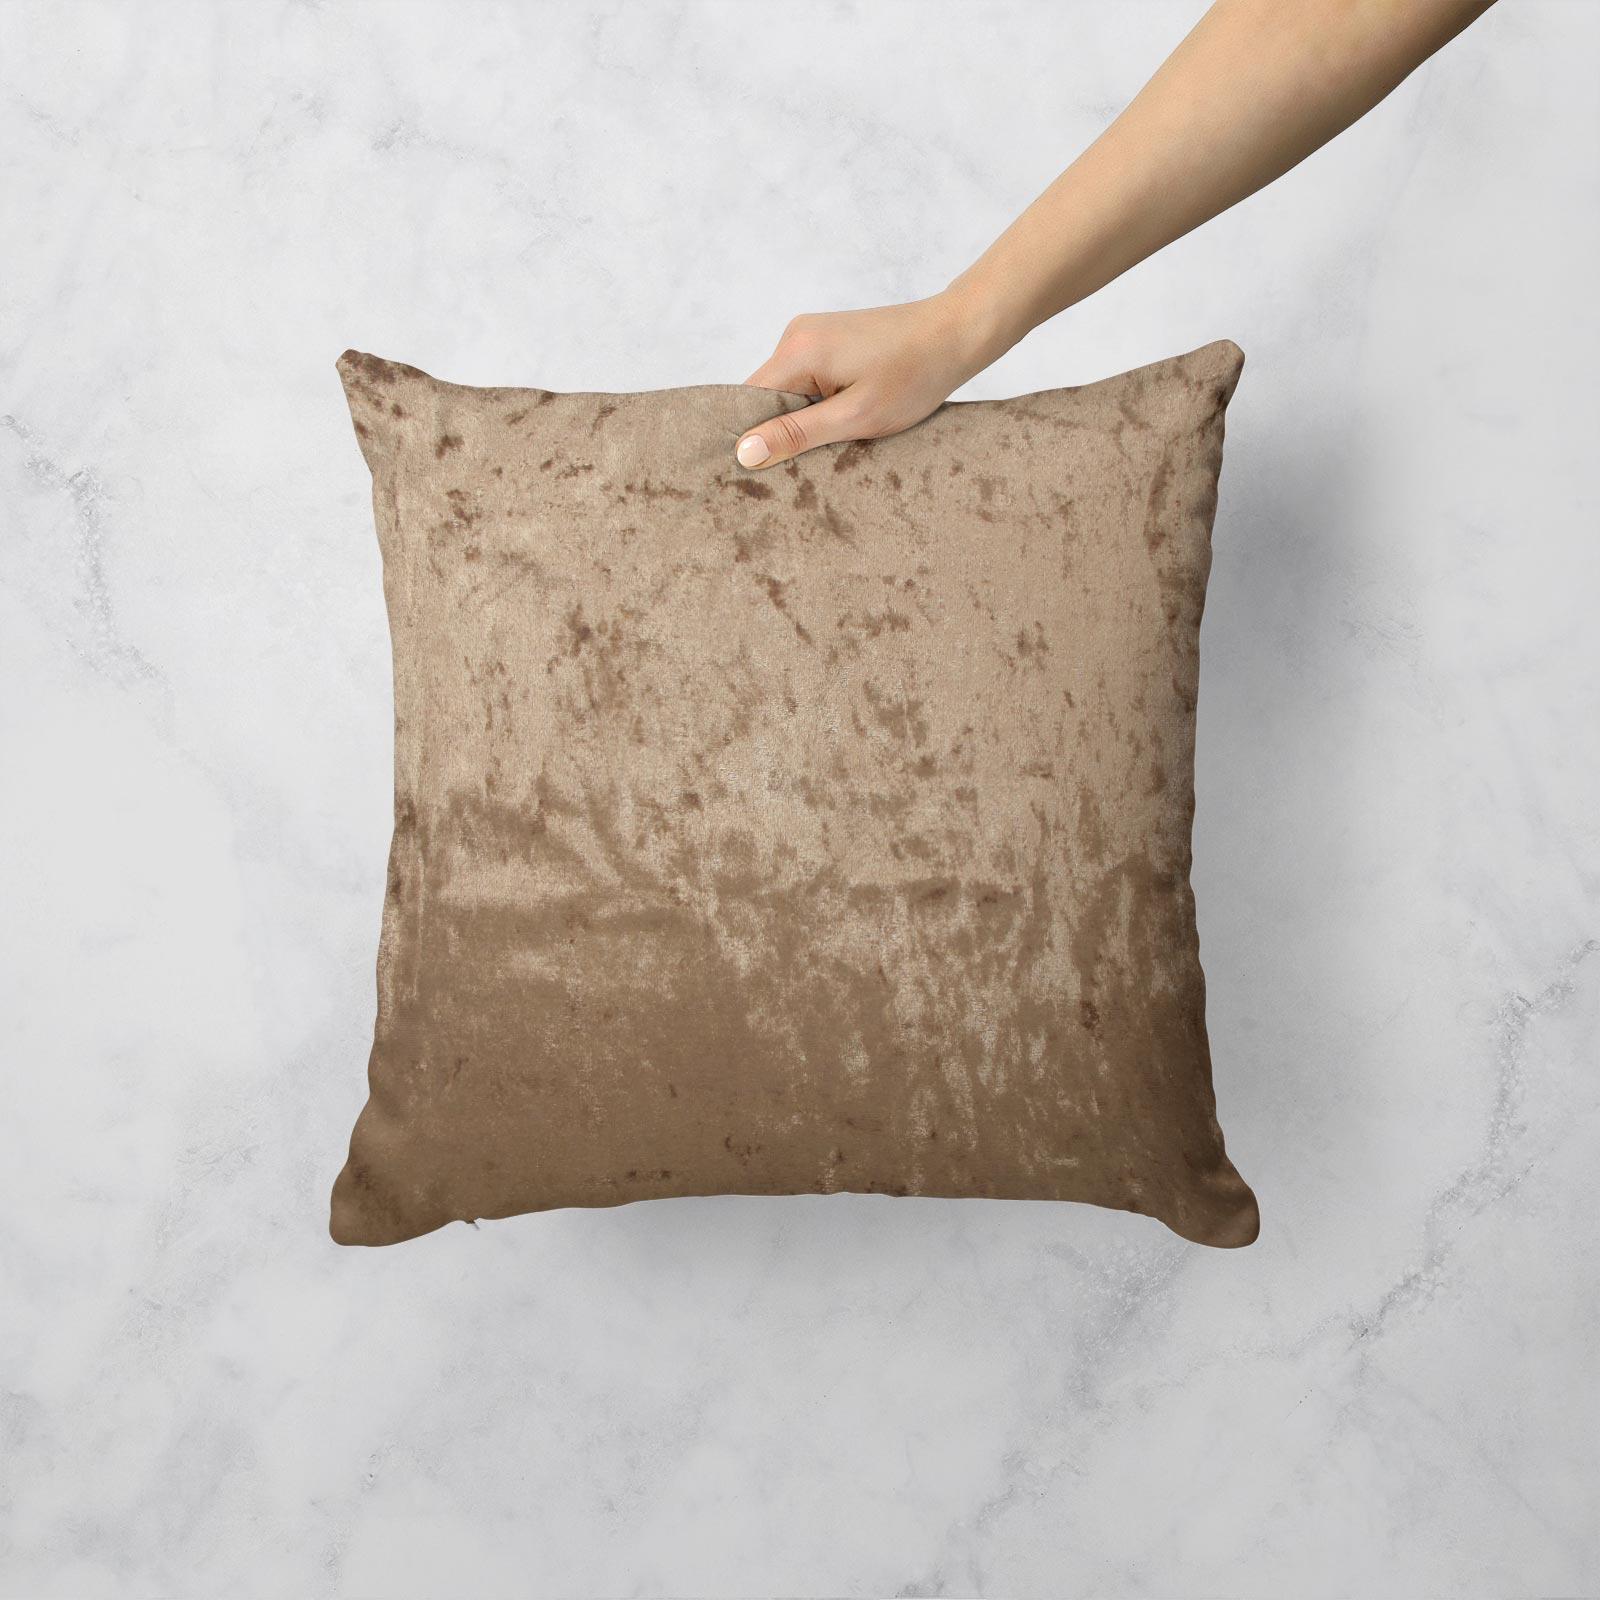 Cuscino-di-velluto-schiacciato-copre-GLAM-Tinta-Unita-Copricuscino-18-034-x-18-034-45cm-x-45cm miniatura 36